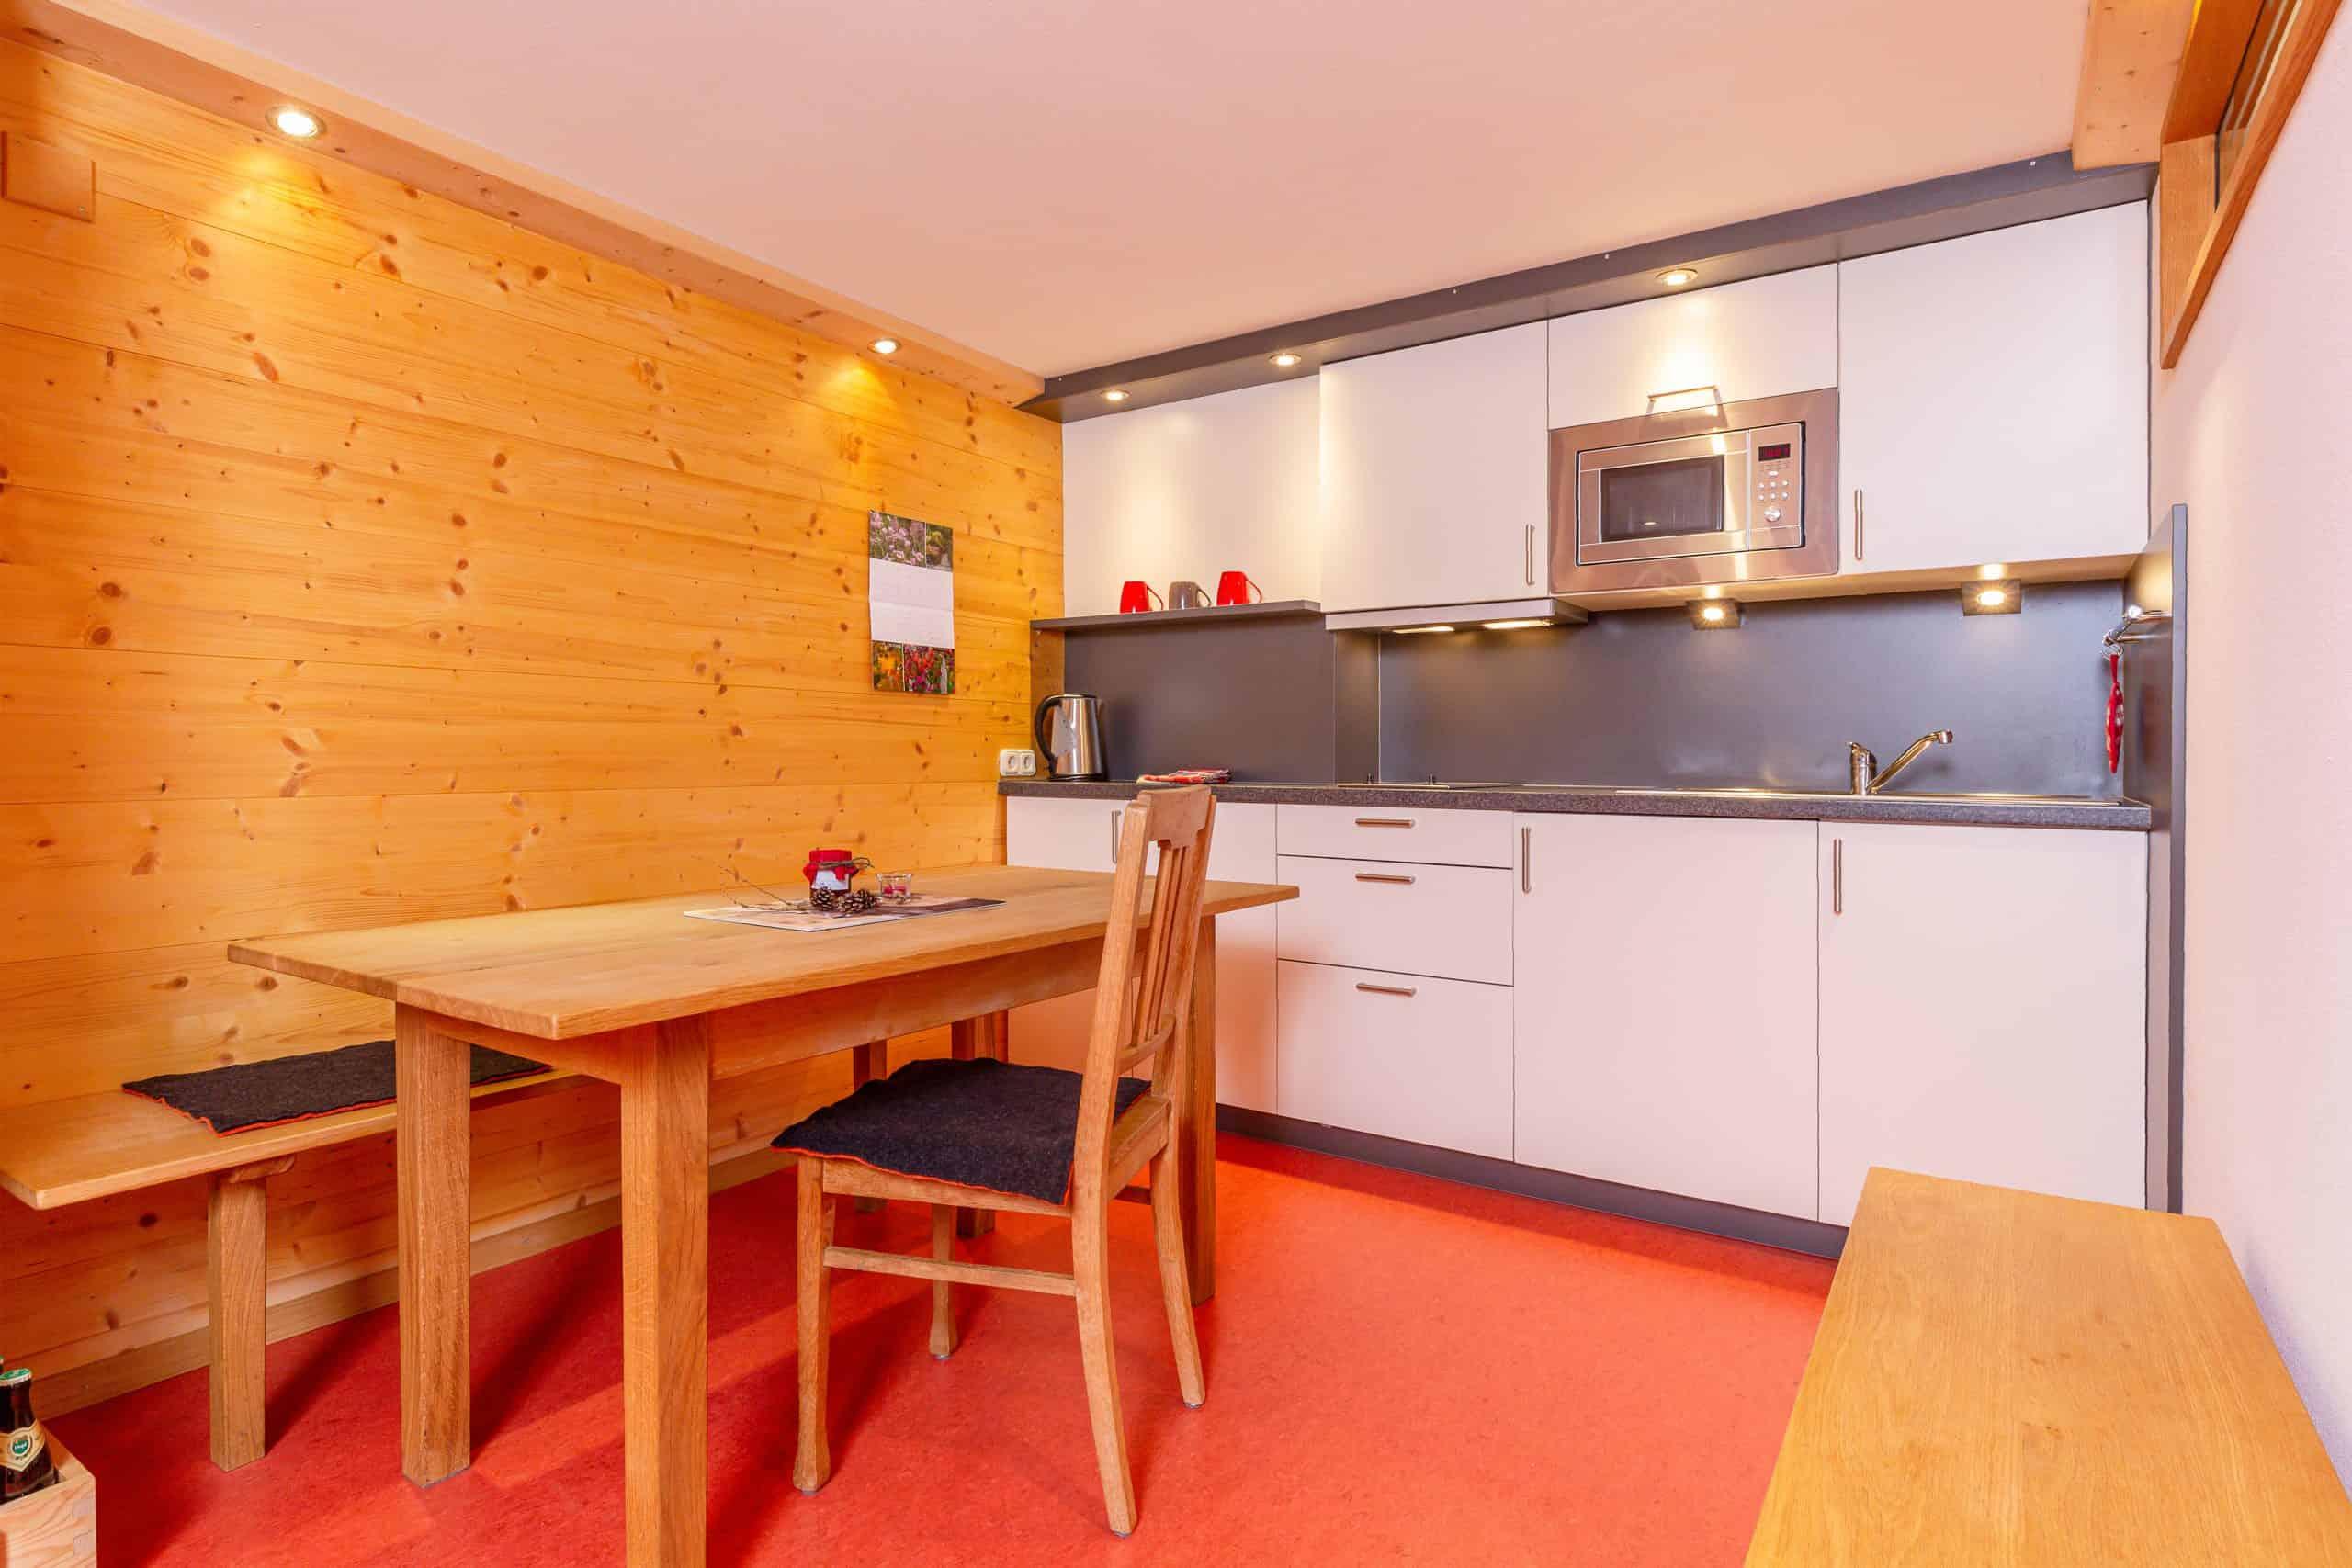 Küche der Ferienwohnung Wilder Kaiser der Familie Wolfenstetter in Reit im Winkl